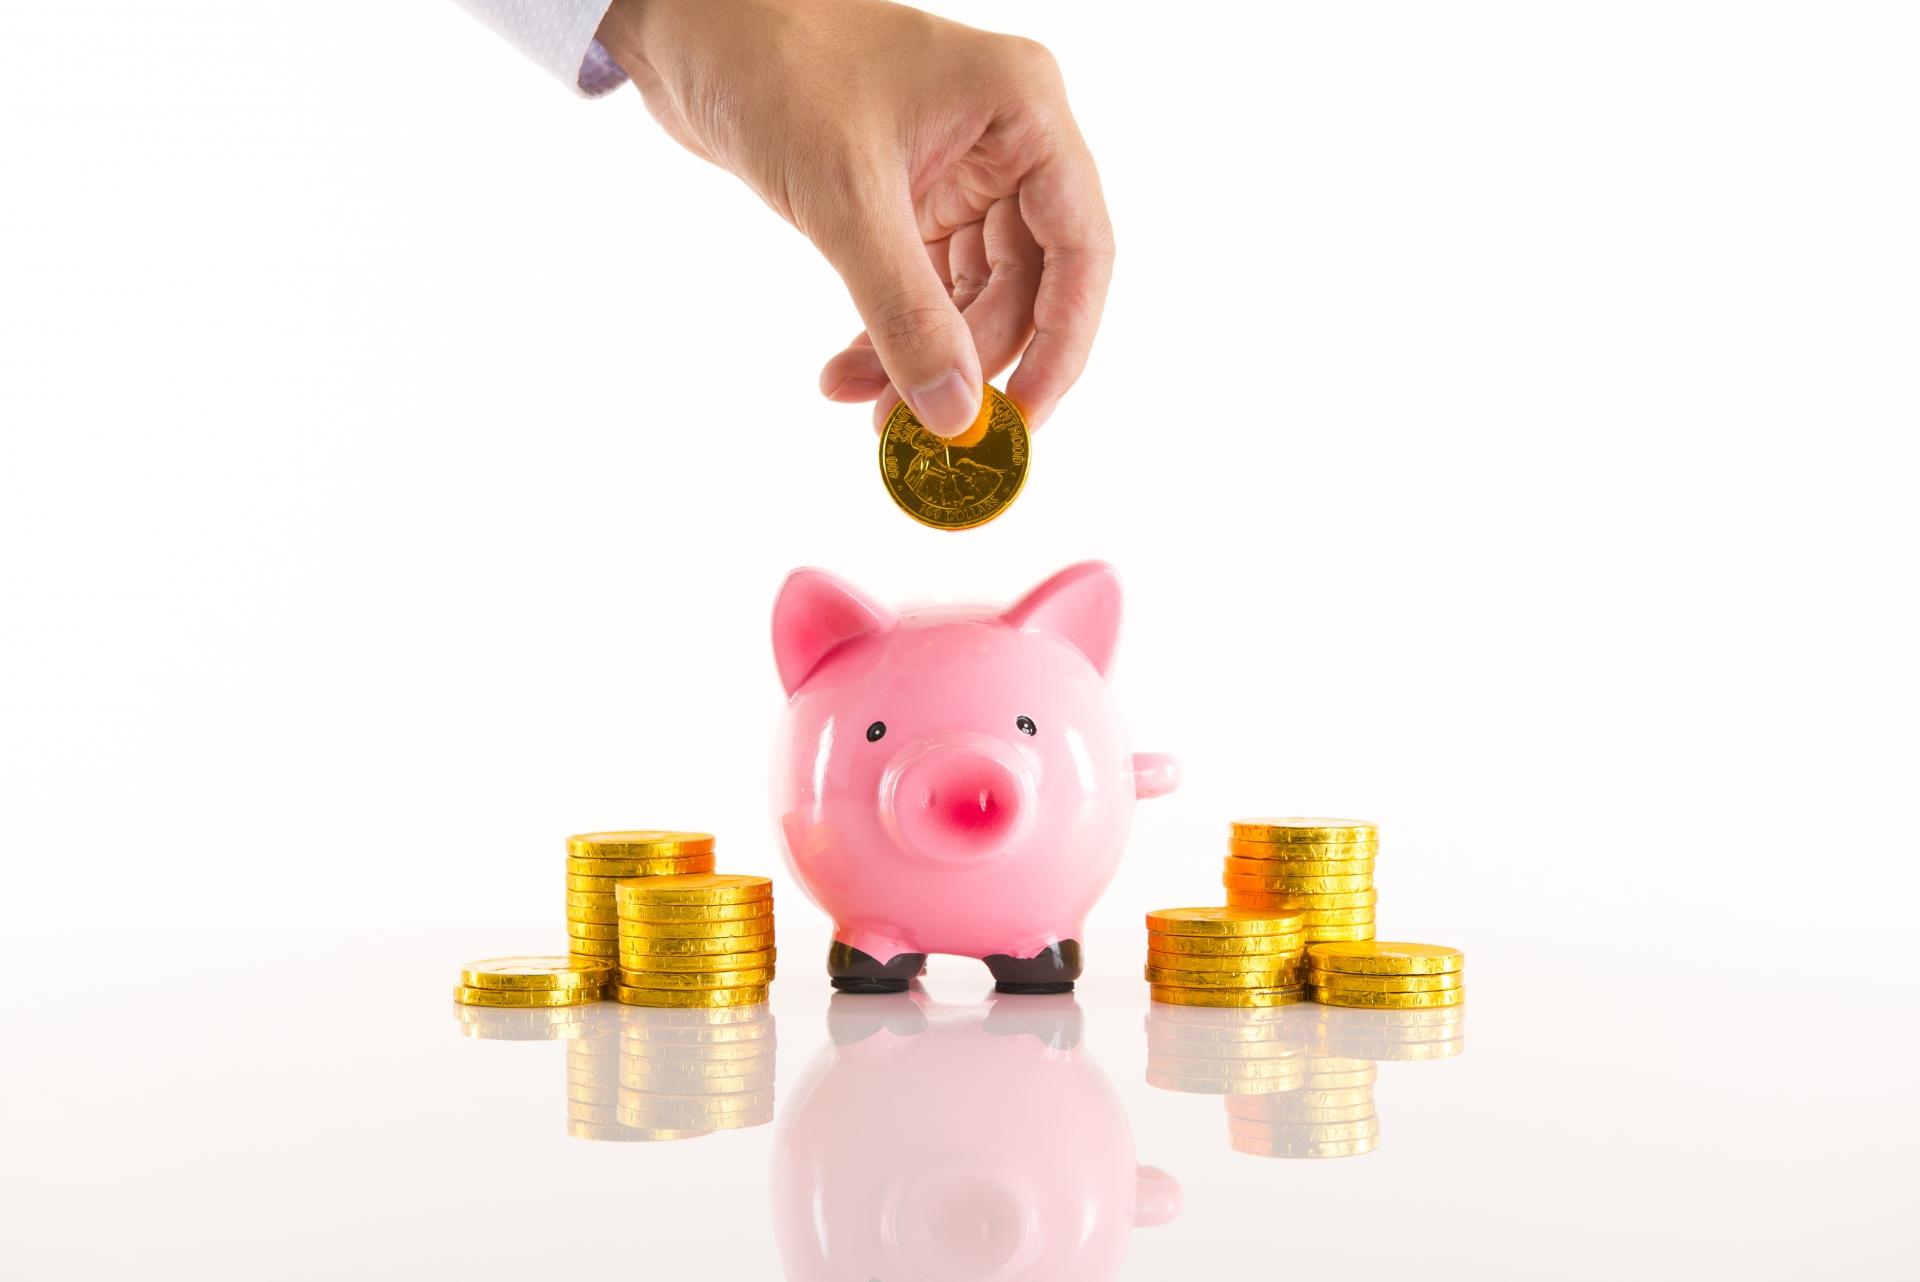 共働き夫婦のお小遣いはどうしてる?夫と妻の平均額や金額の決め方とは?